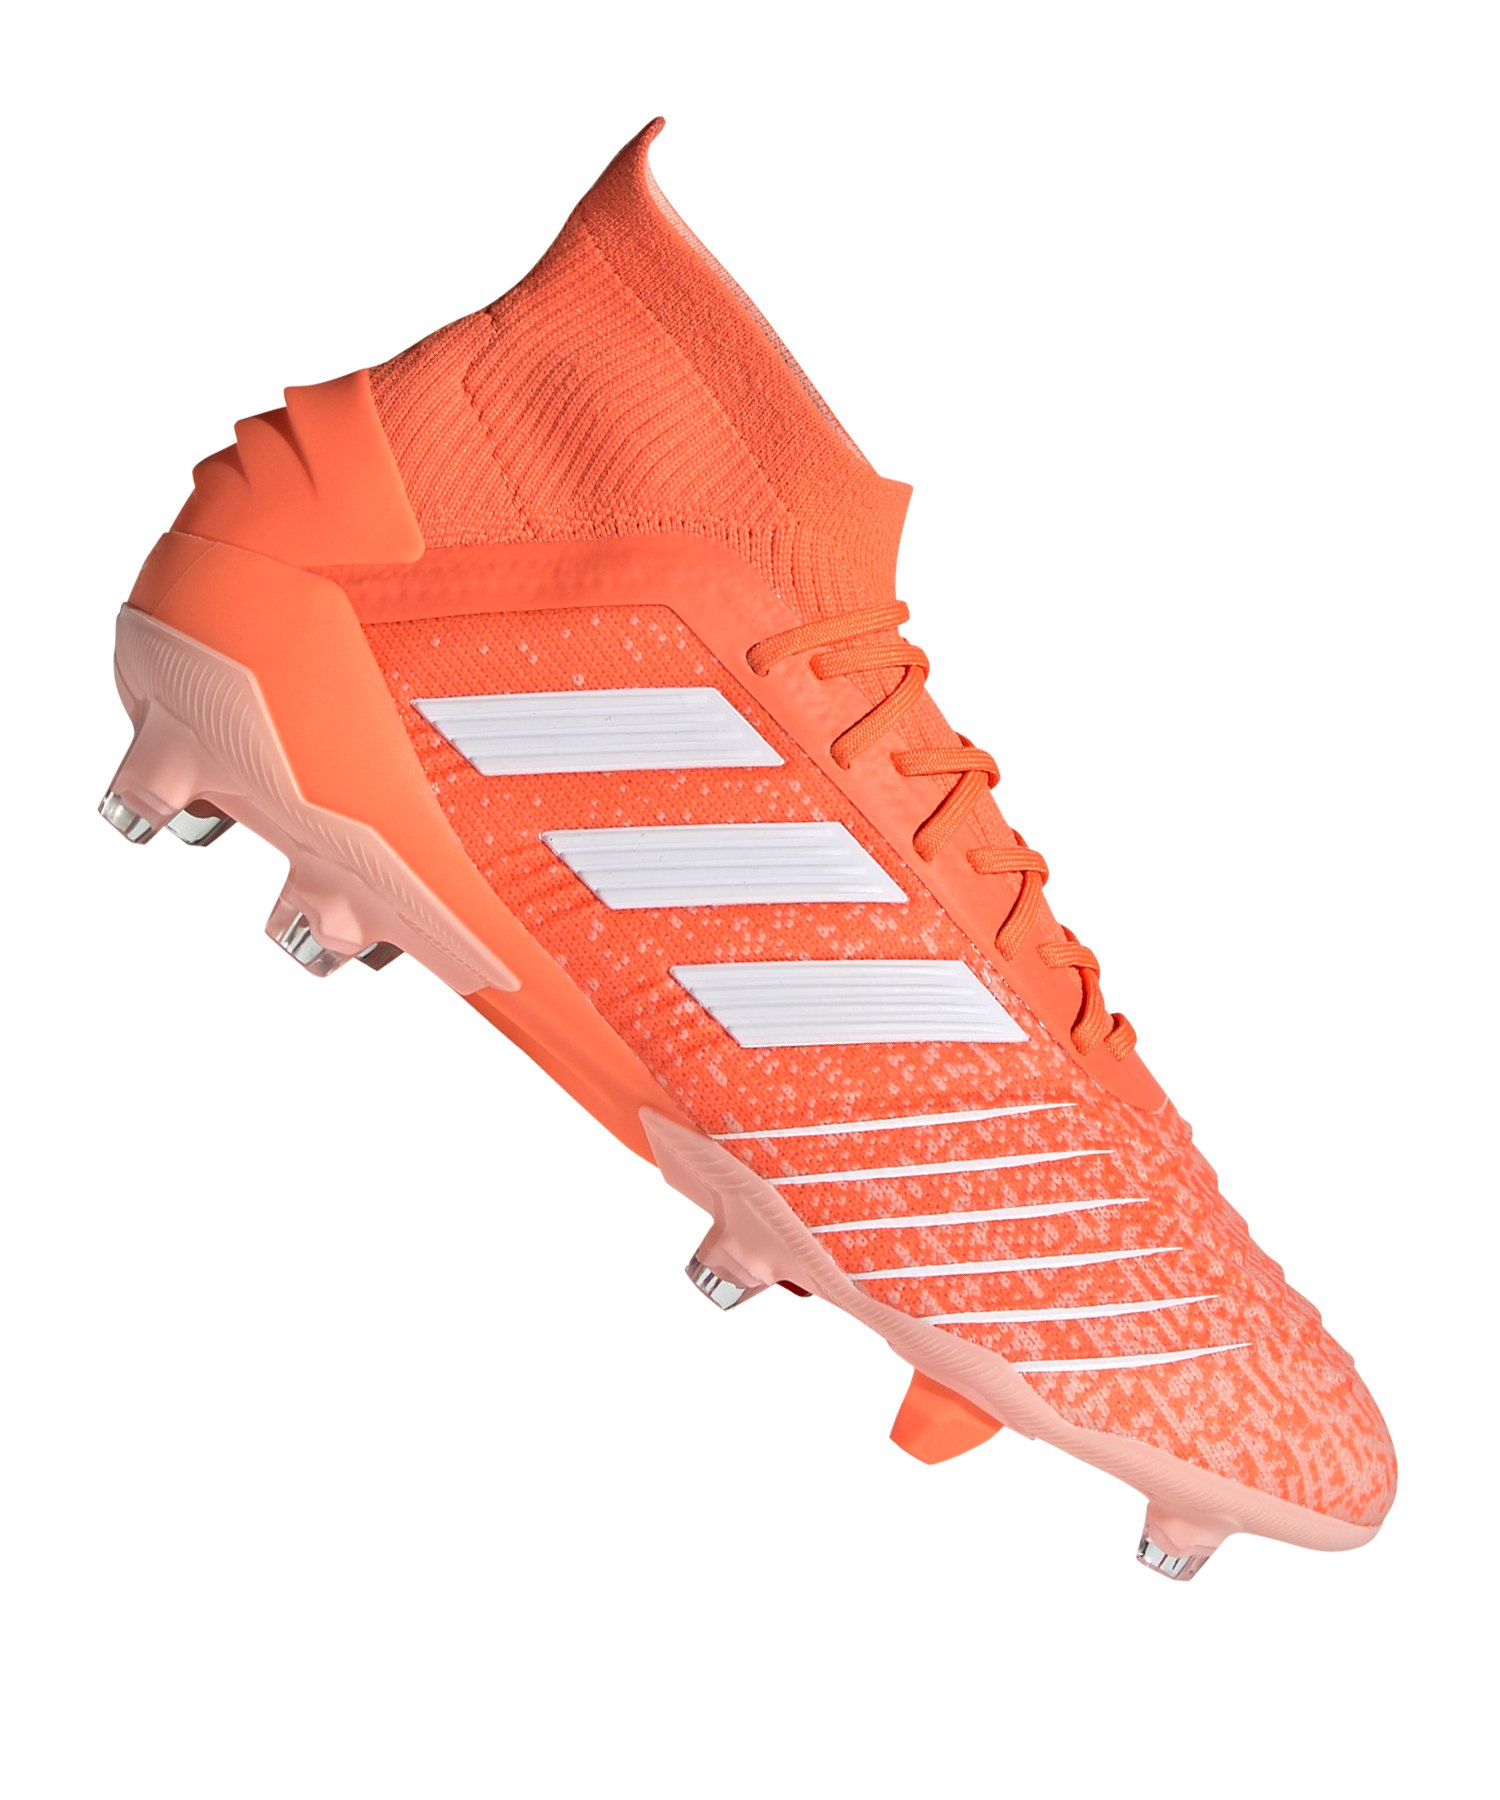 adidas Predator 19.1 FG Damen Orange Weiss